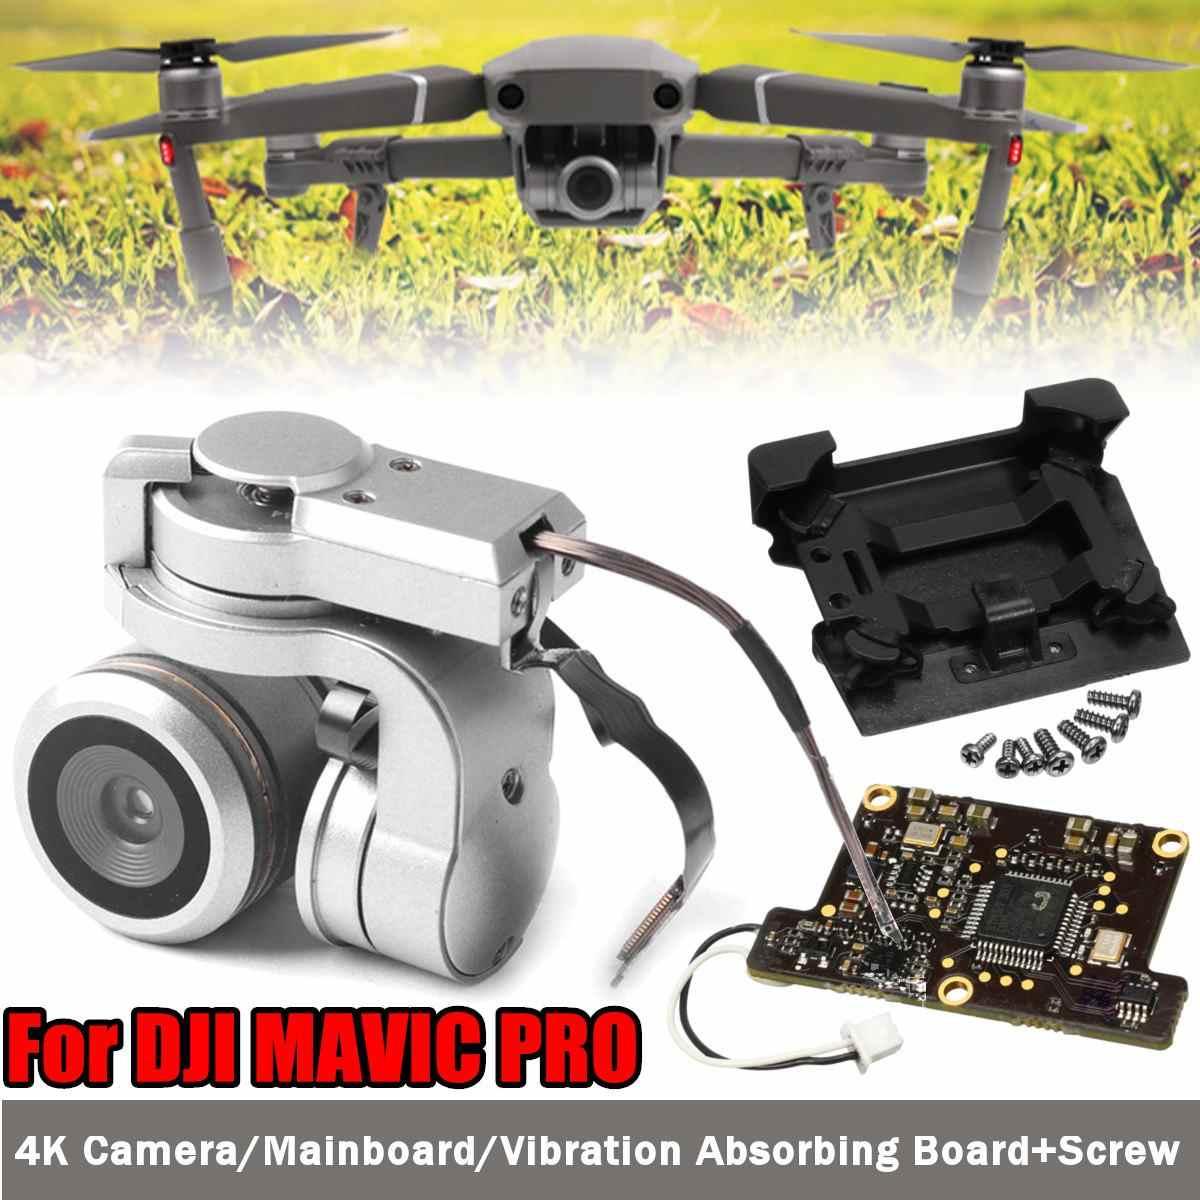 Para DJI Mavic Pro cardán Original Cámara FPV HD Video Drone RC Drone cámara de reparación de repuesto reemplazo de parte de Shock Absorber junta